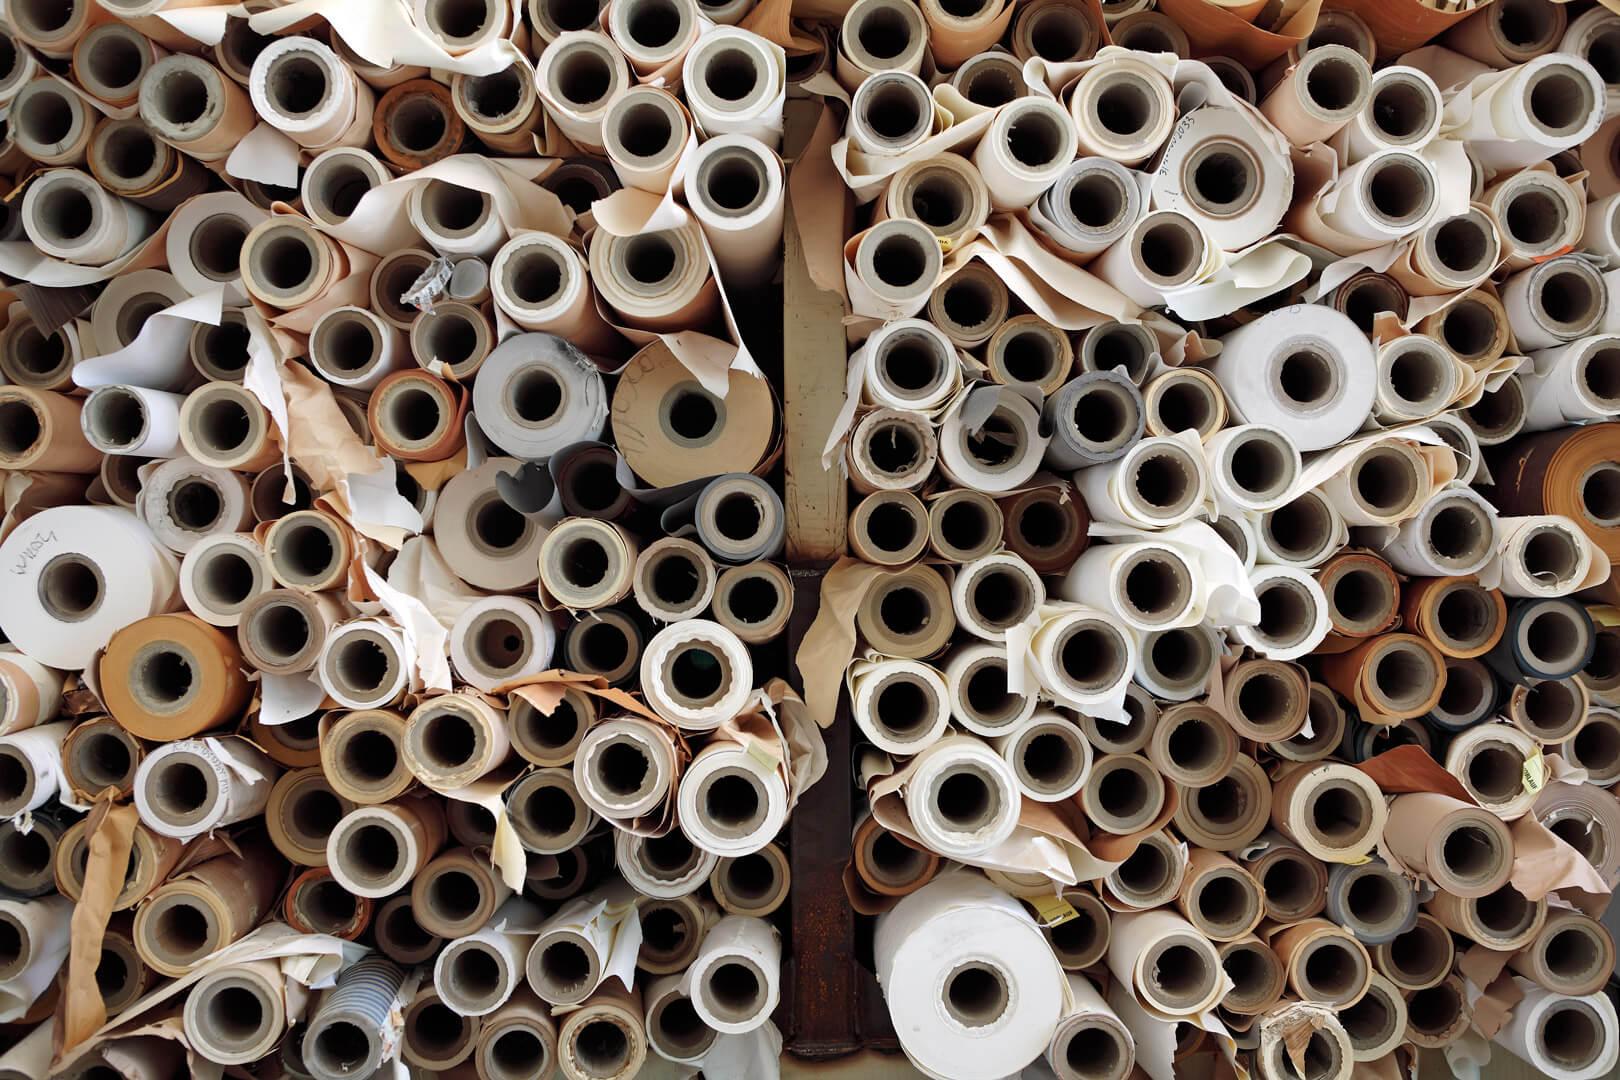 Werk Penig - Papierrollen Reste, Ausgangsmaterial für Regenerat Papier